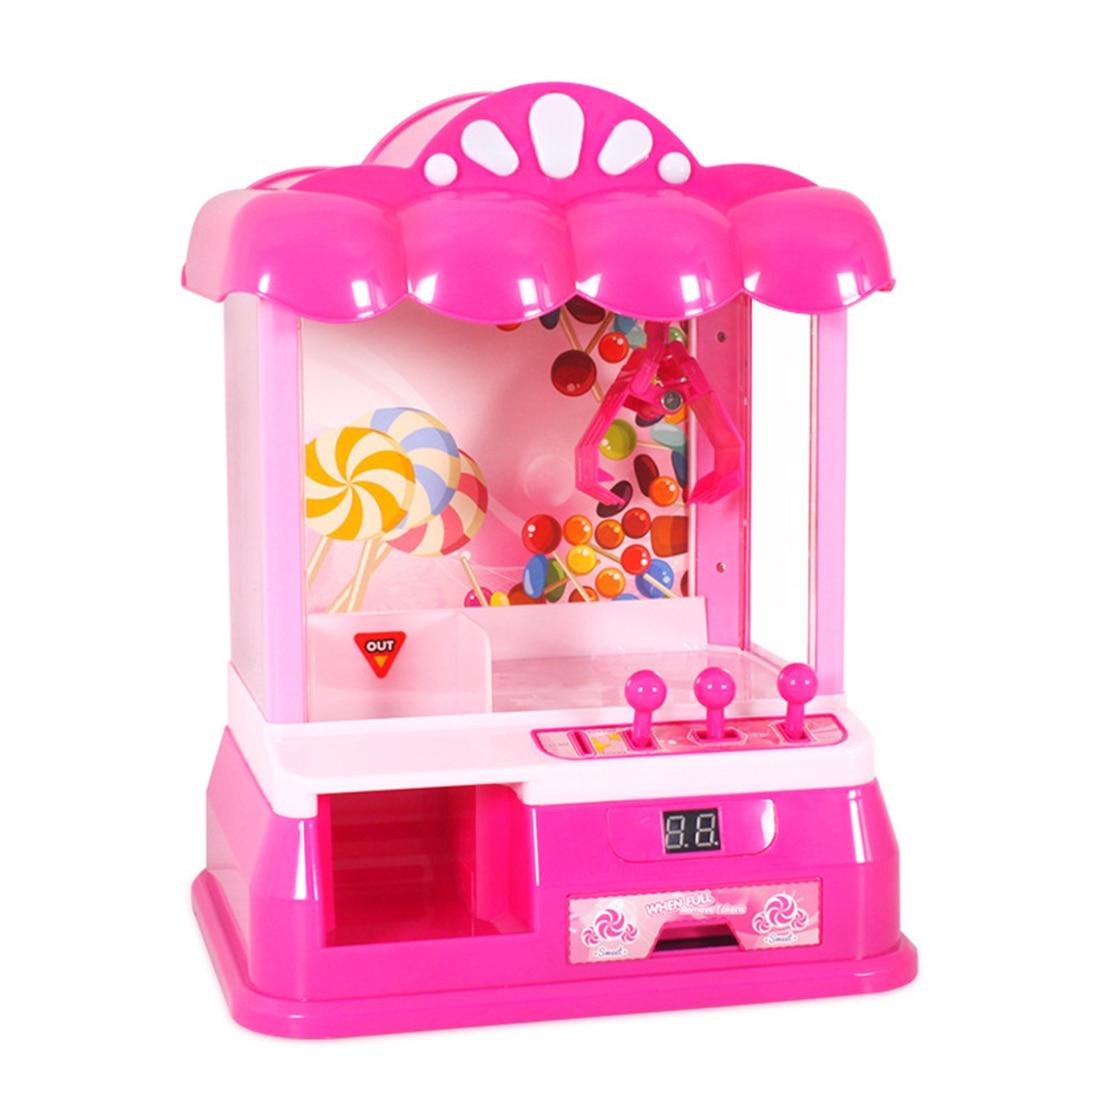 Enfants Mini bonbons Grabber bureau reharging jouet griffe Machine Arcade prix jeu amusant attraper Grabber nouveauté et Gag jouets - 3